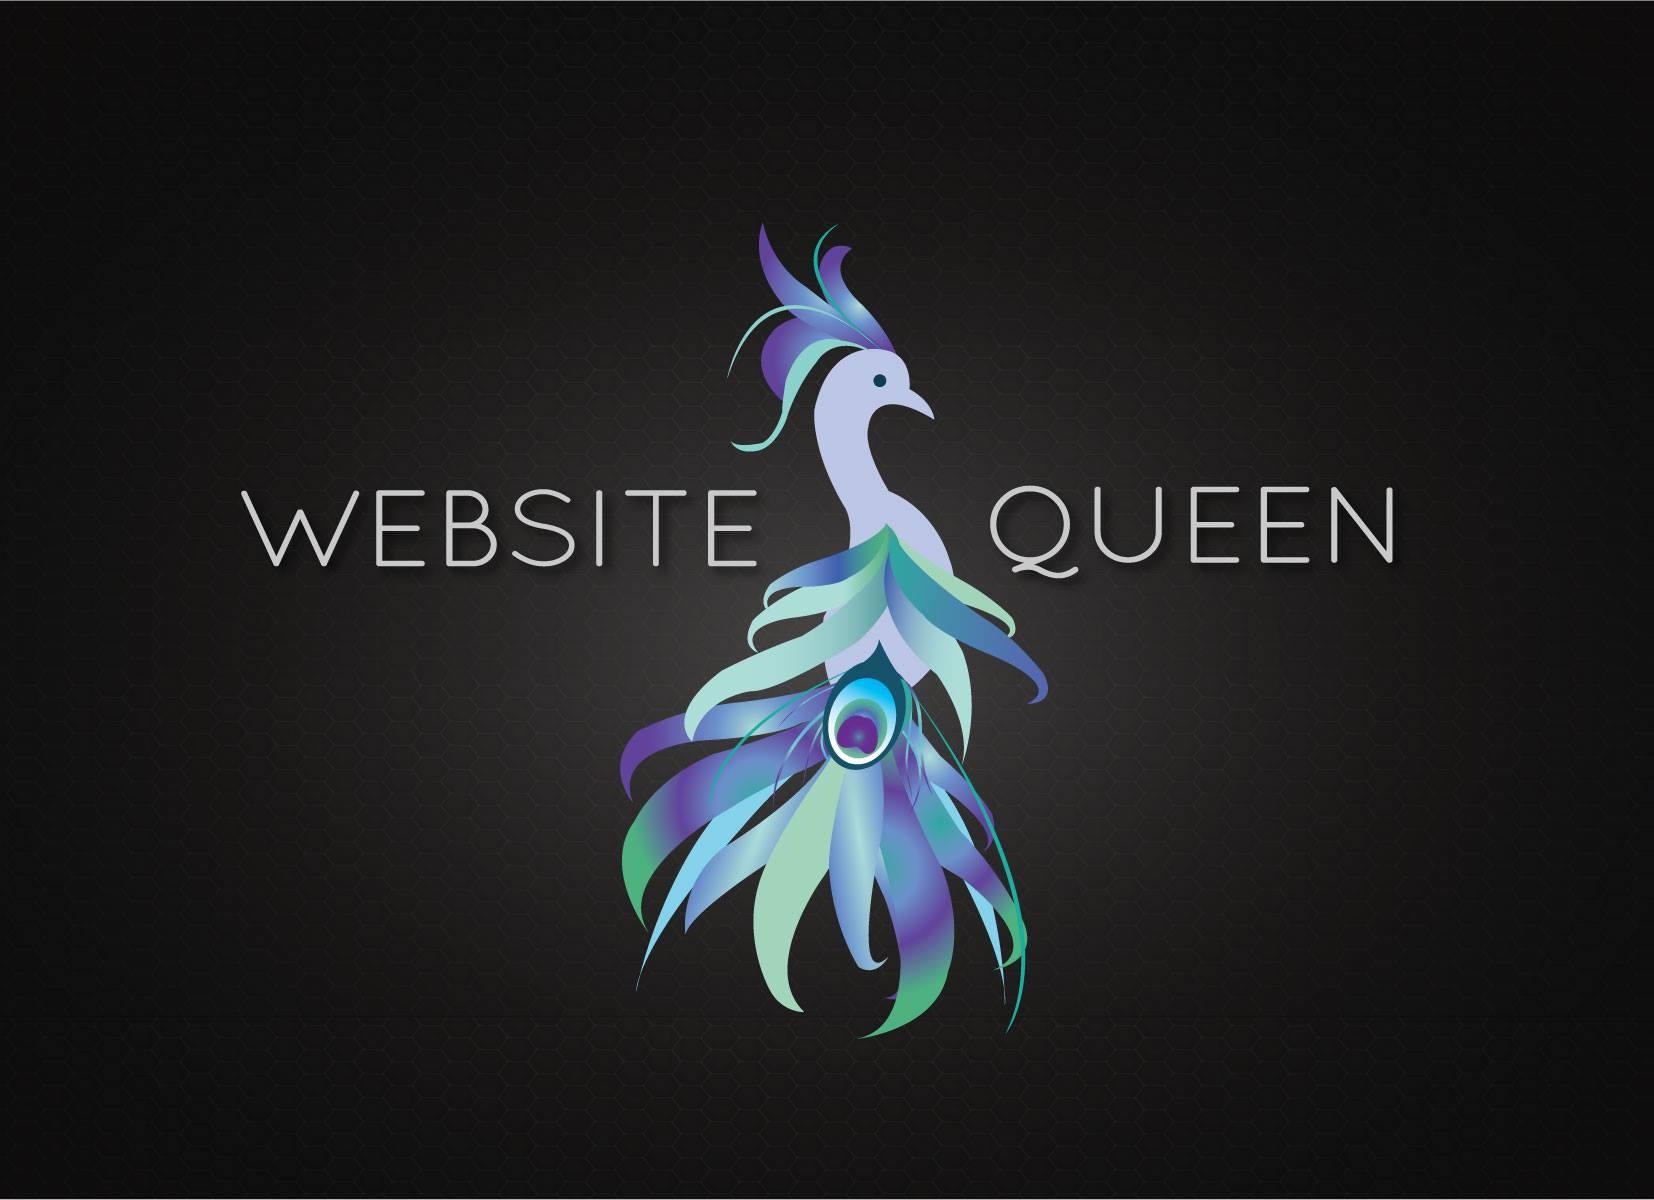 The Website Queen